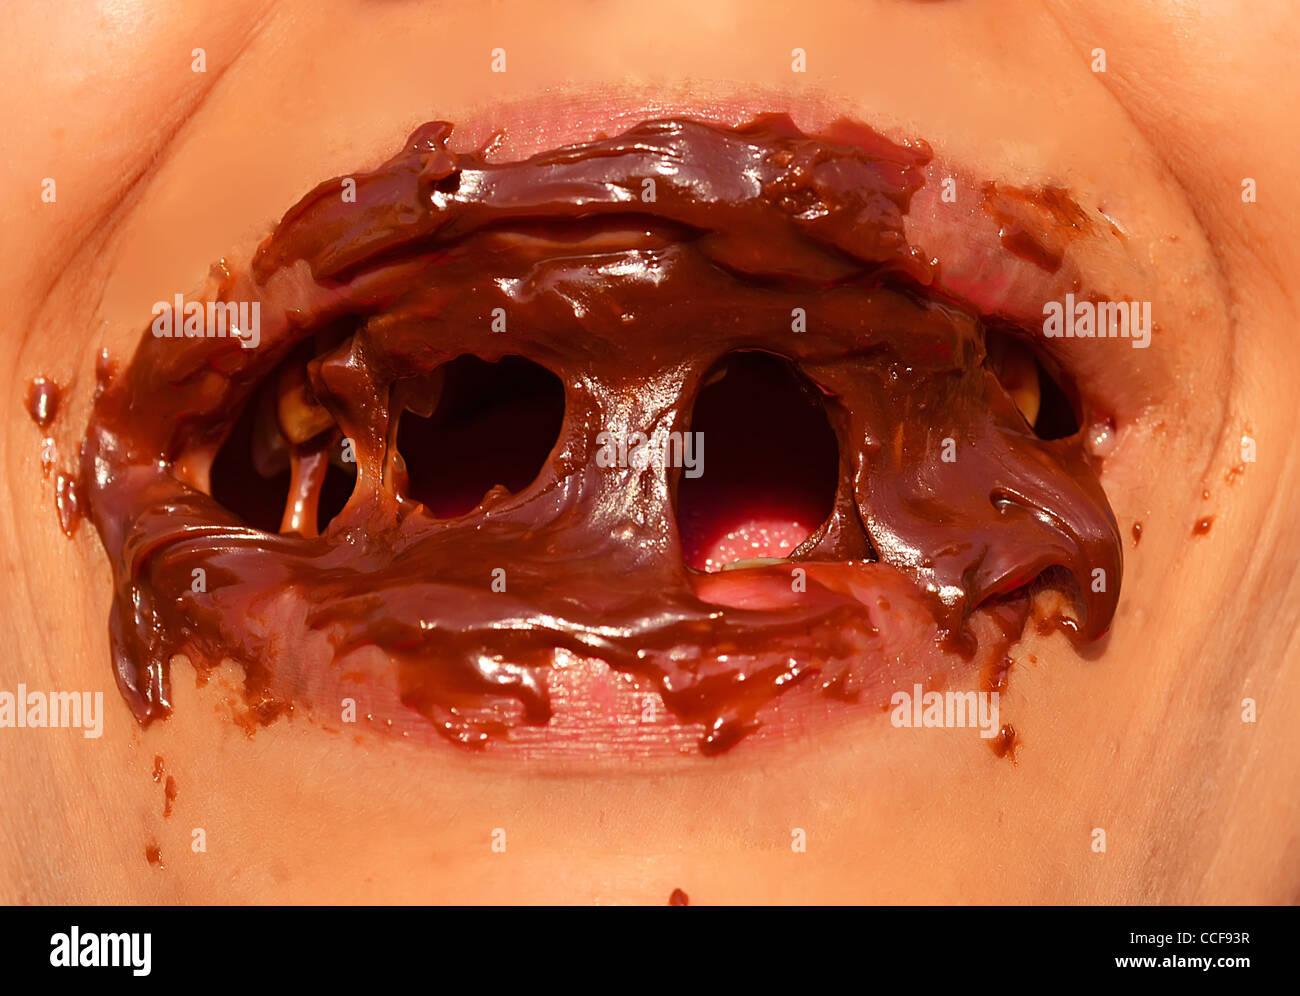 Señora con la boca llena de chocolate Imagen De Stock